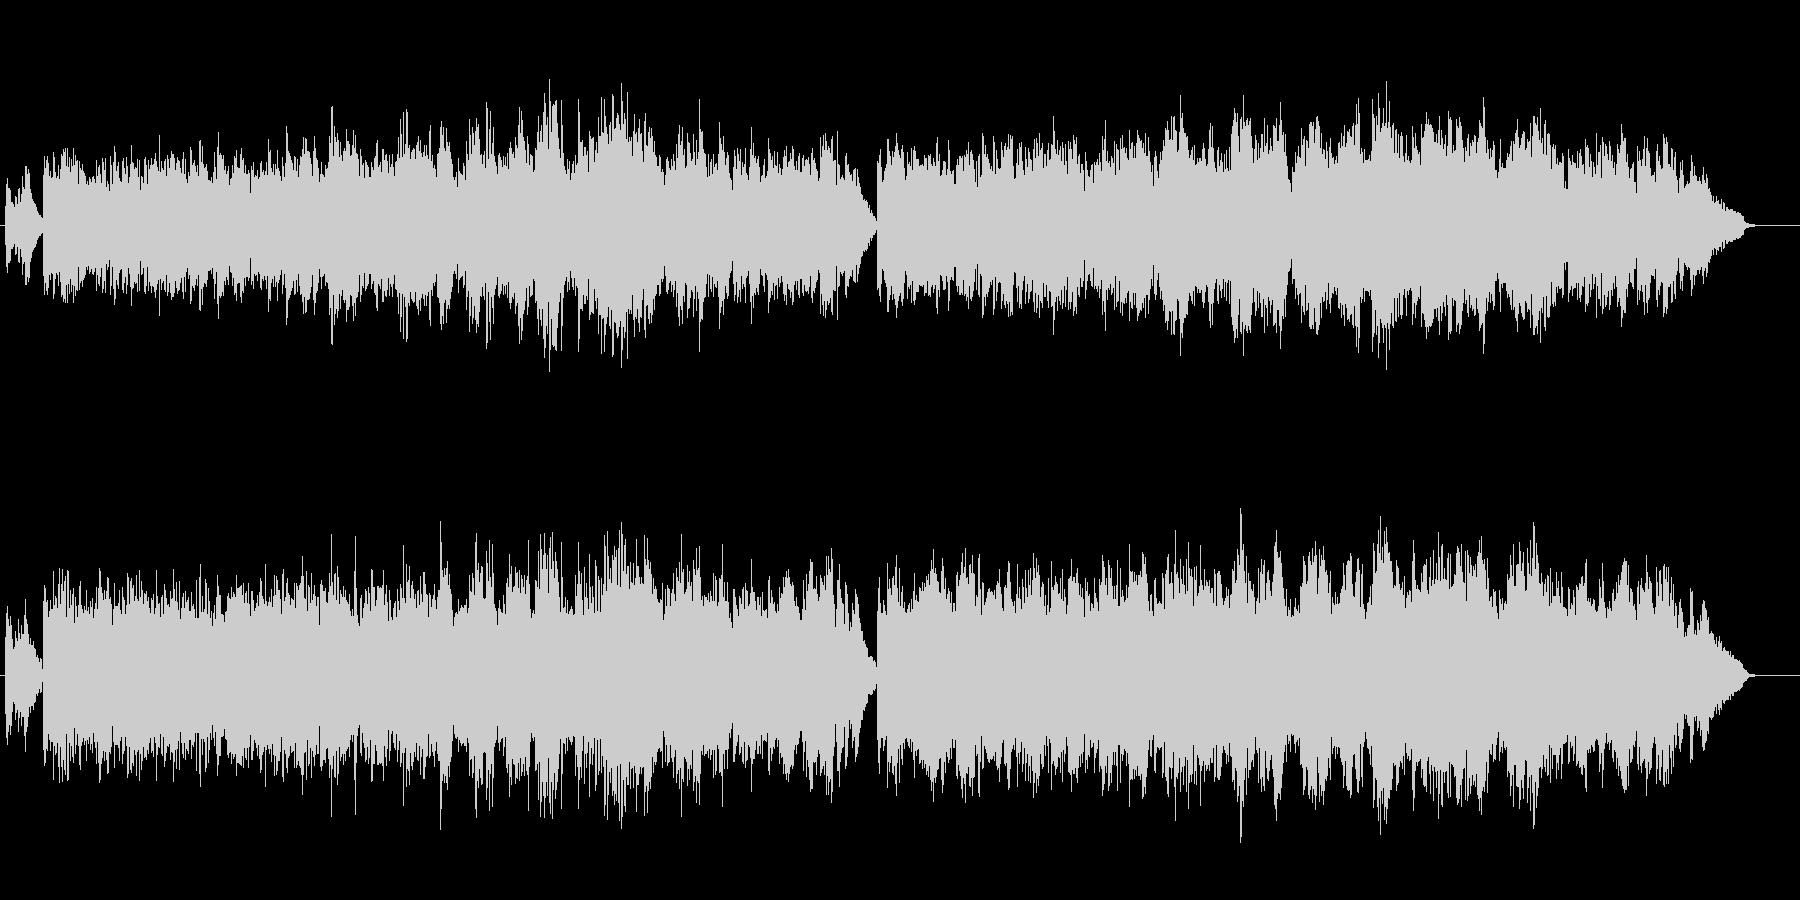 アルペジオが寂しげなメランコリックの未再生の波形